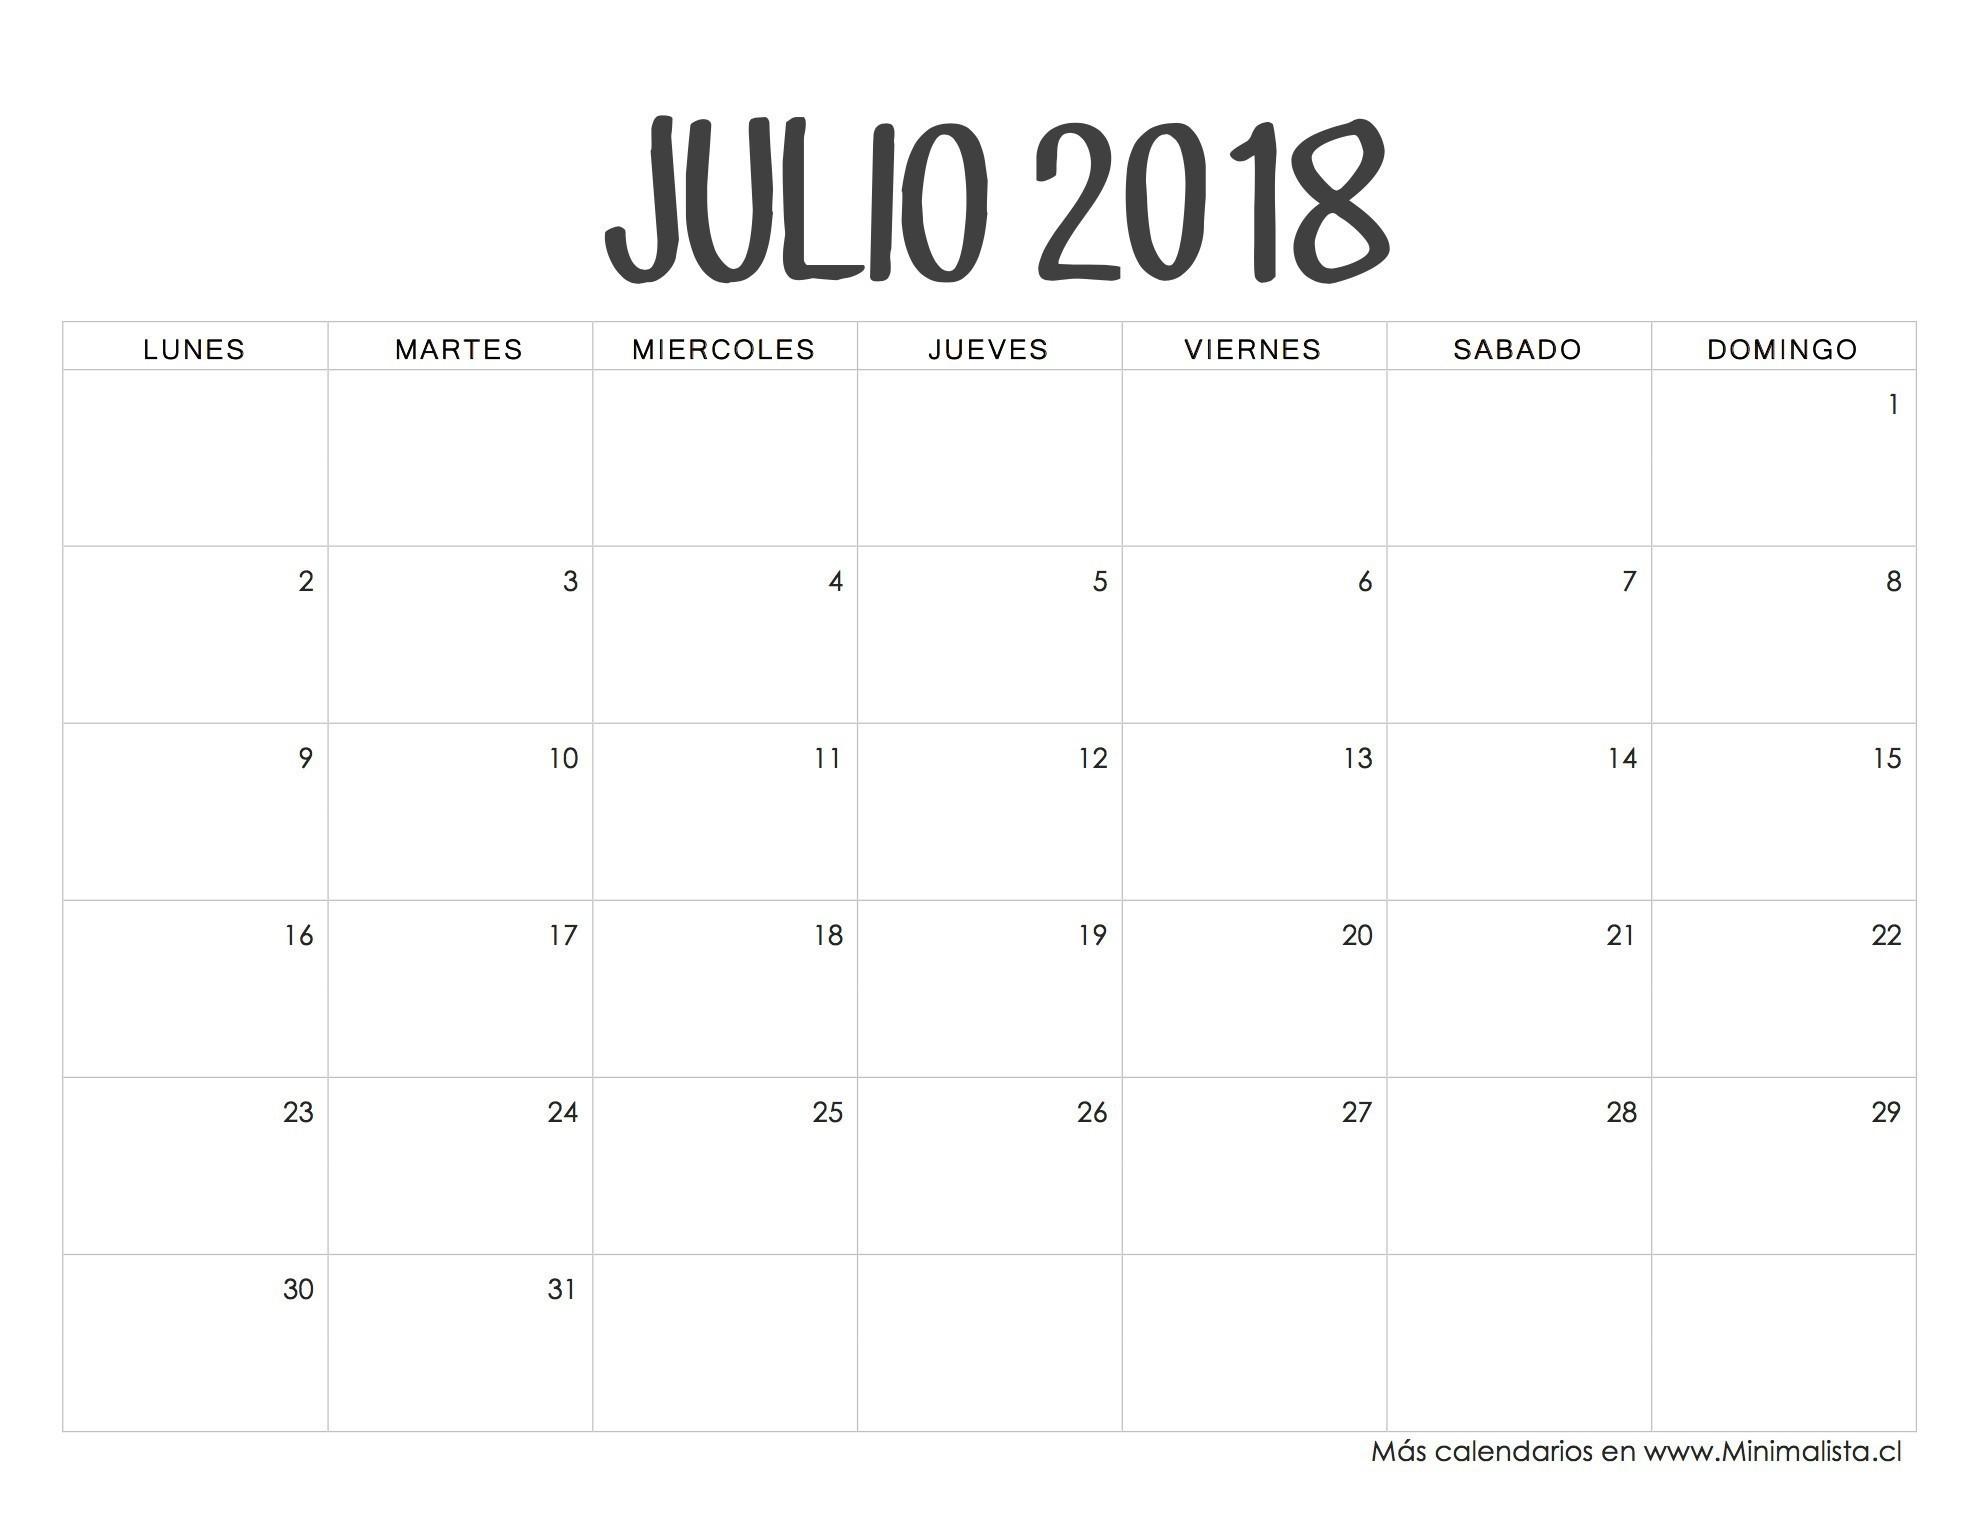 calendario enero febrero marzo 2020 mas reciente march 31 2019 tamil calendar of calendario enero febrero marzo 2020